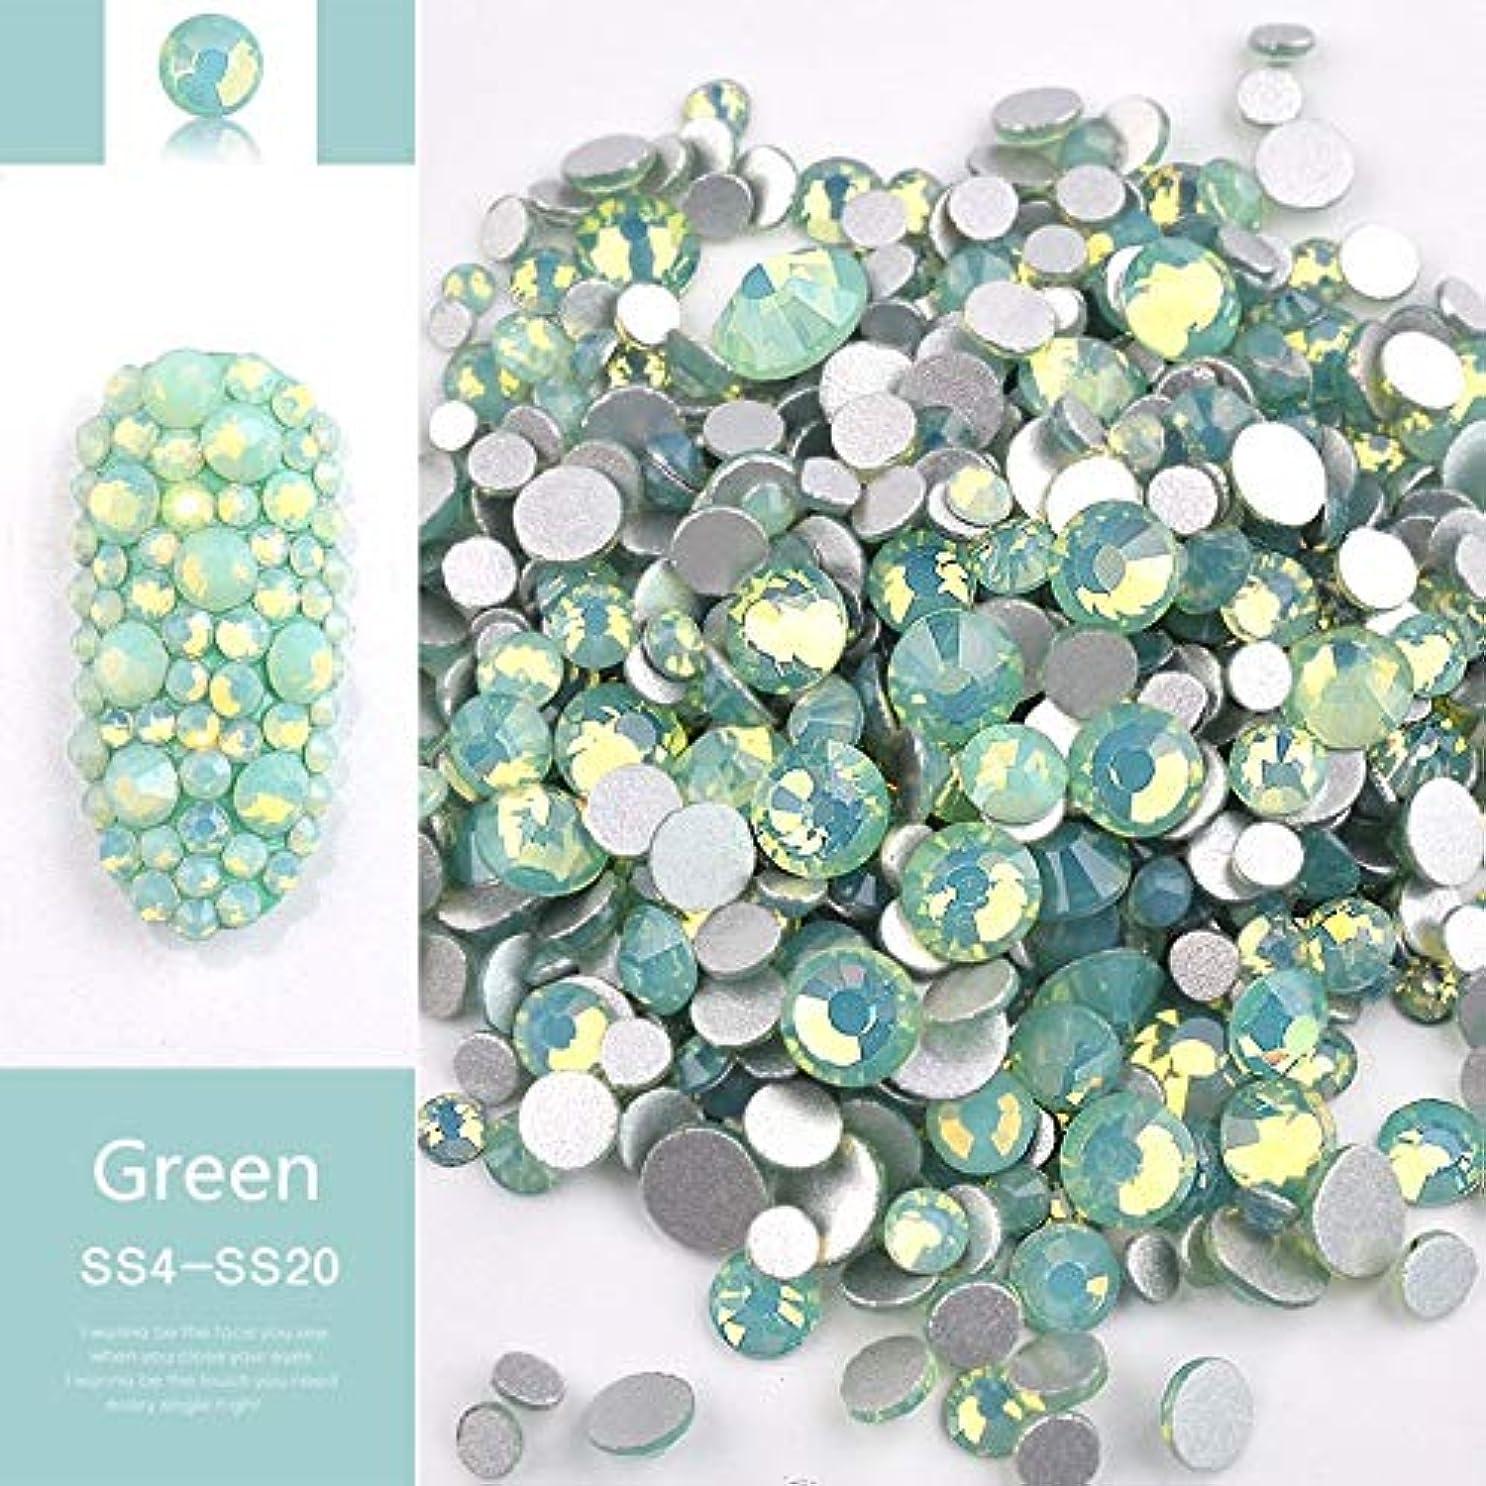 Jiaoran ビーズ樹脂クリスタルラウンドネイルアートミックスフラットバックアクリルラインストーンミックスサイズ1.5-4.5 mm装飾用ネイル (Color : Green)